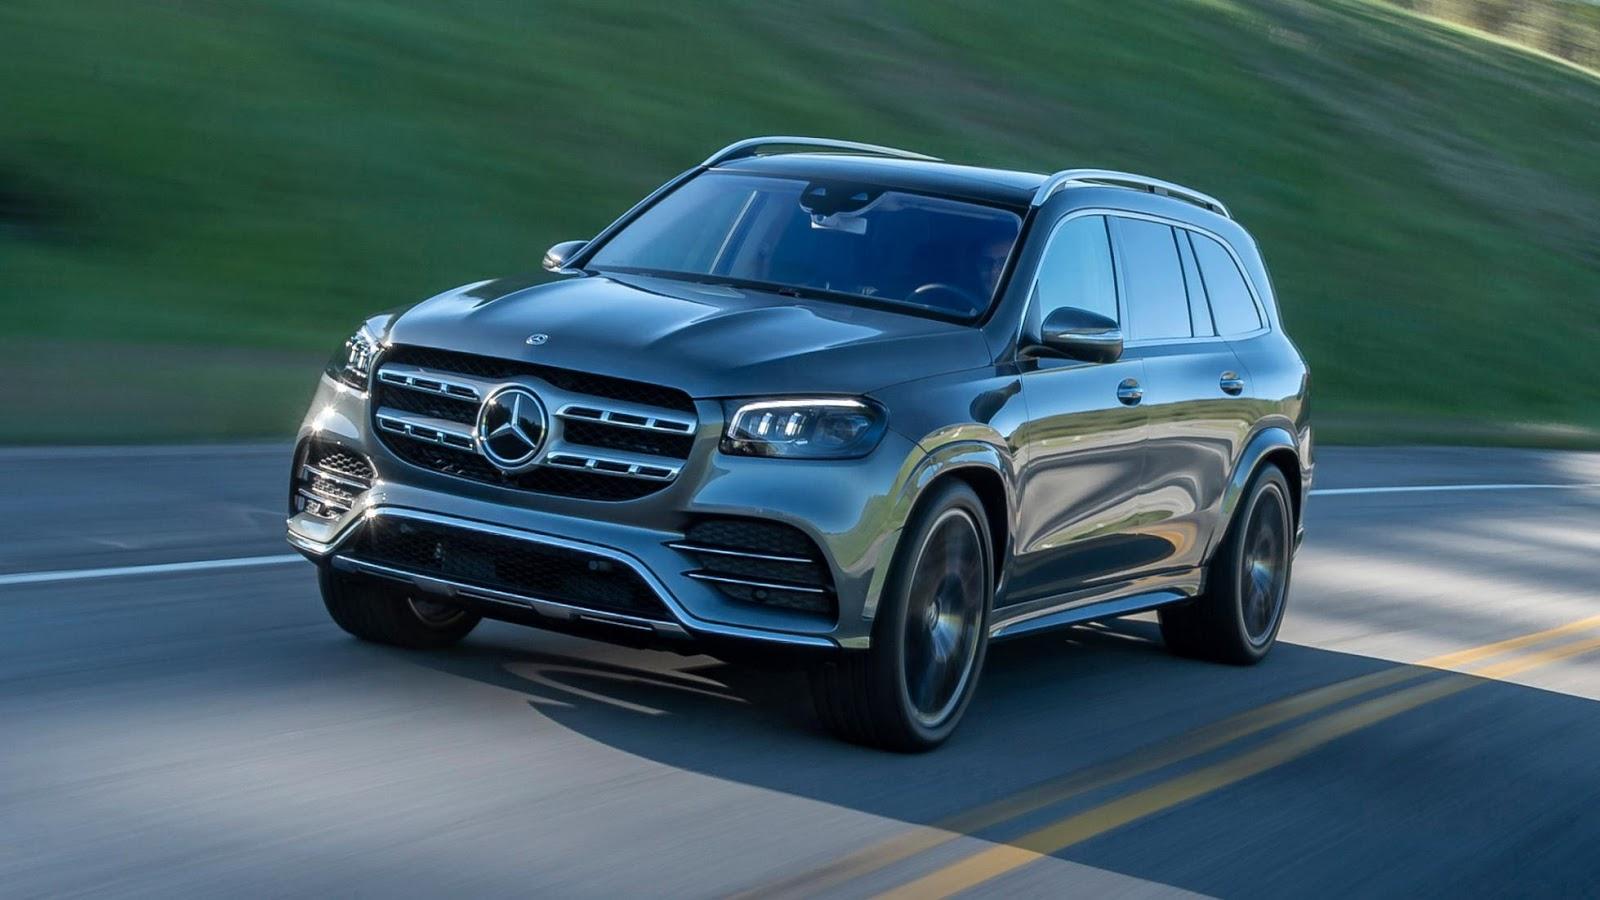 Những mẫu xe 7 chỗ cho gia đình tốt nhất 2020